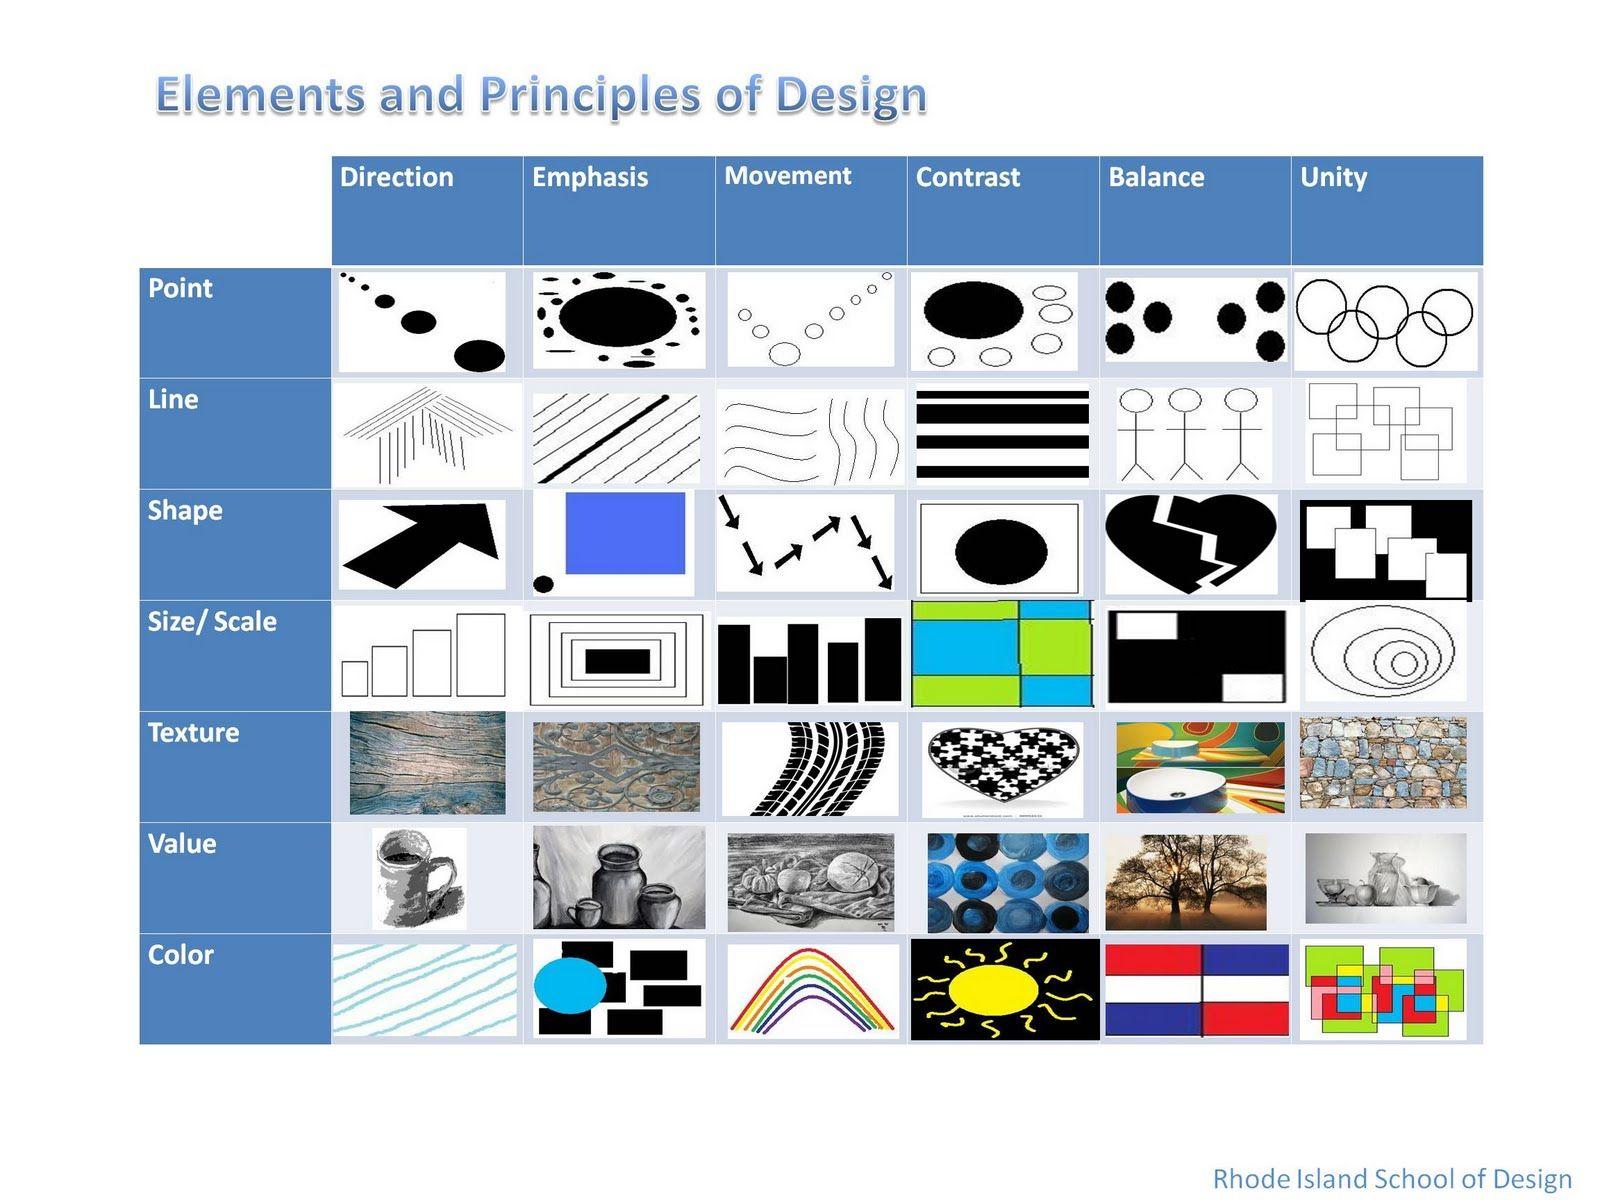 Design Principles and Elements | Jim Boles Designs: Elements & Principles  of Design in Glass Art (Image ... | ART EDUCATION ESSENTIALS | Pinterest |  Design ...